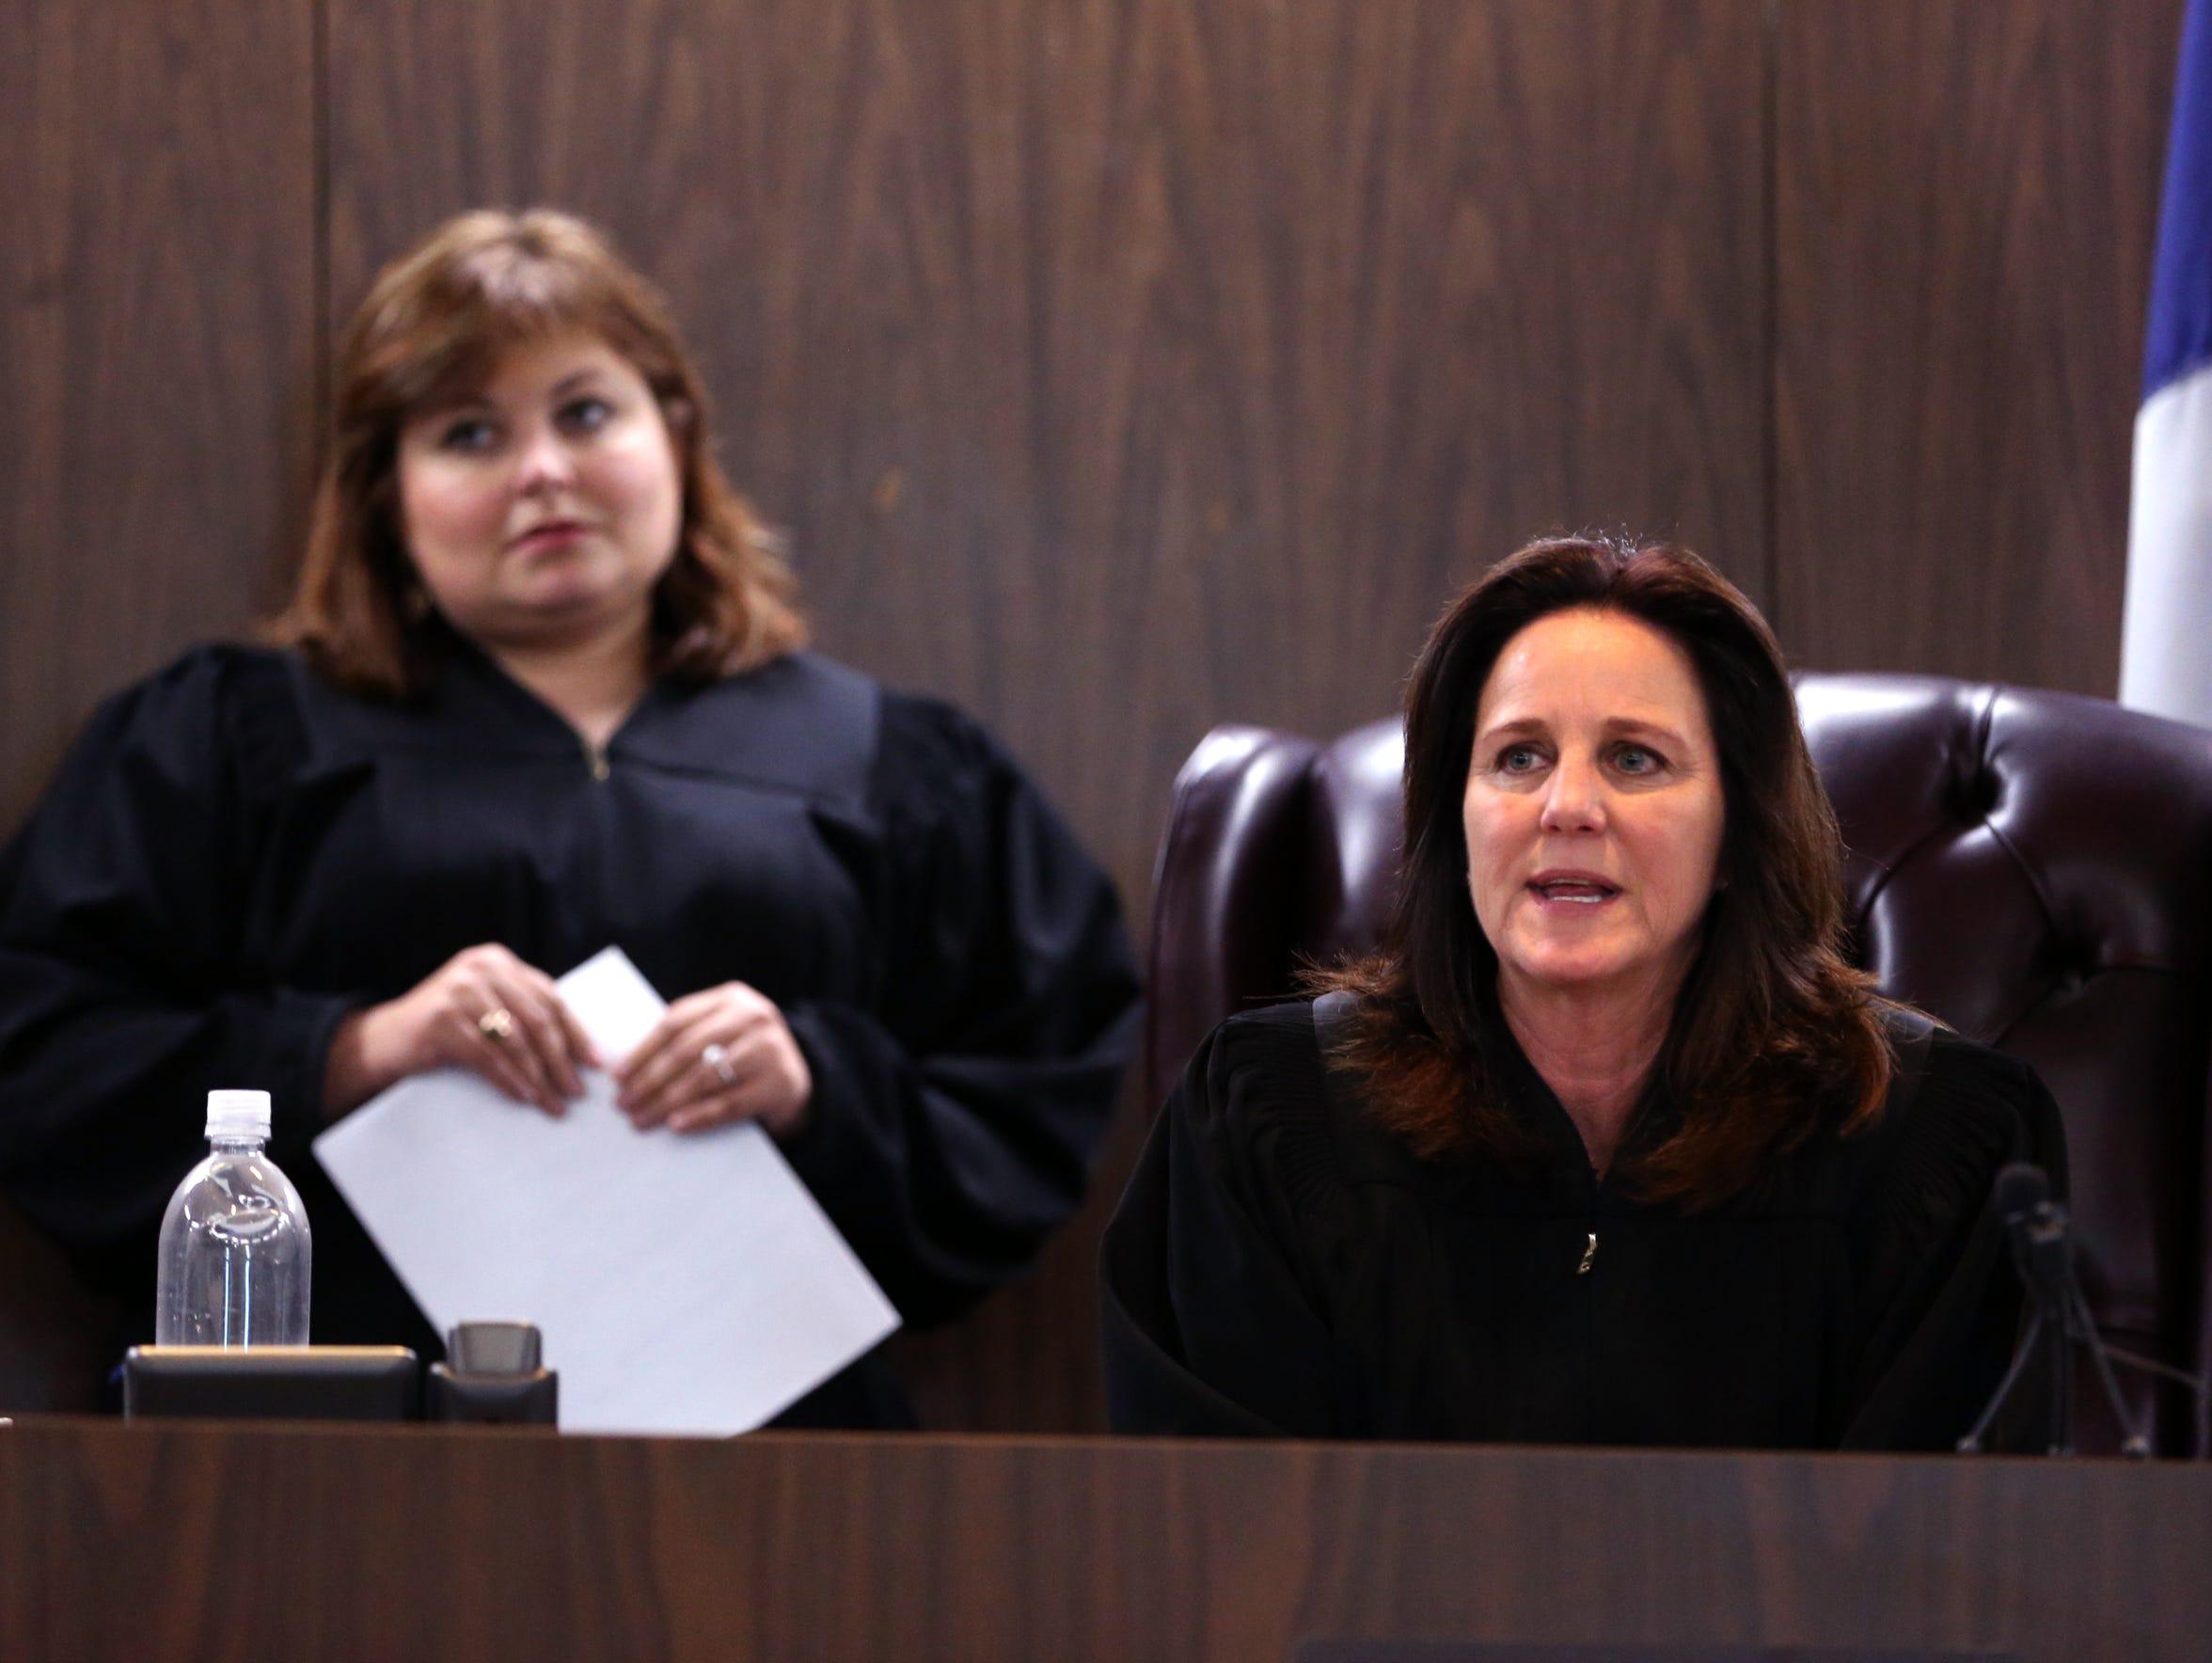 214th District Court Judge Inna Klein (left) prepares